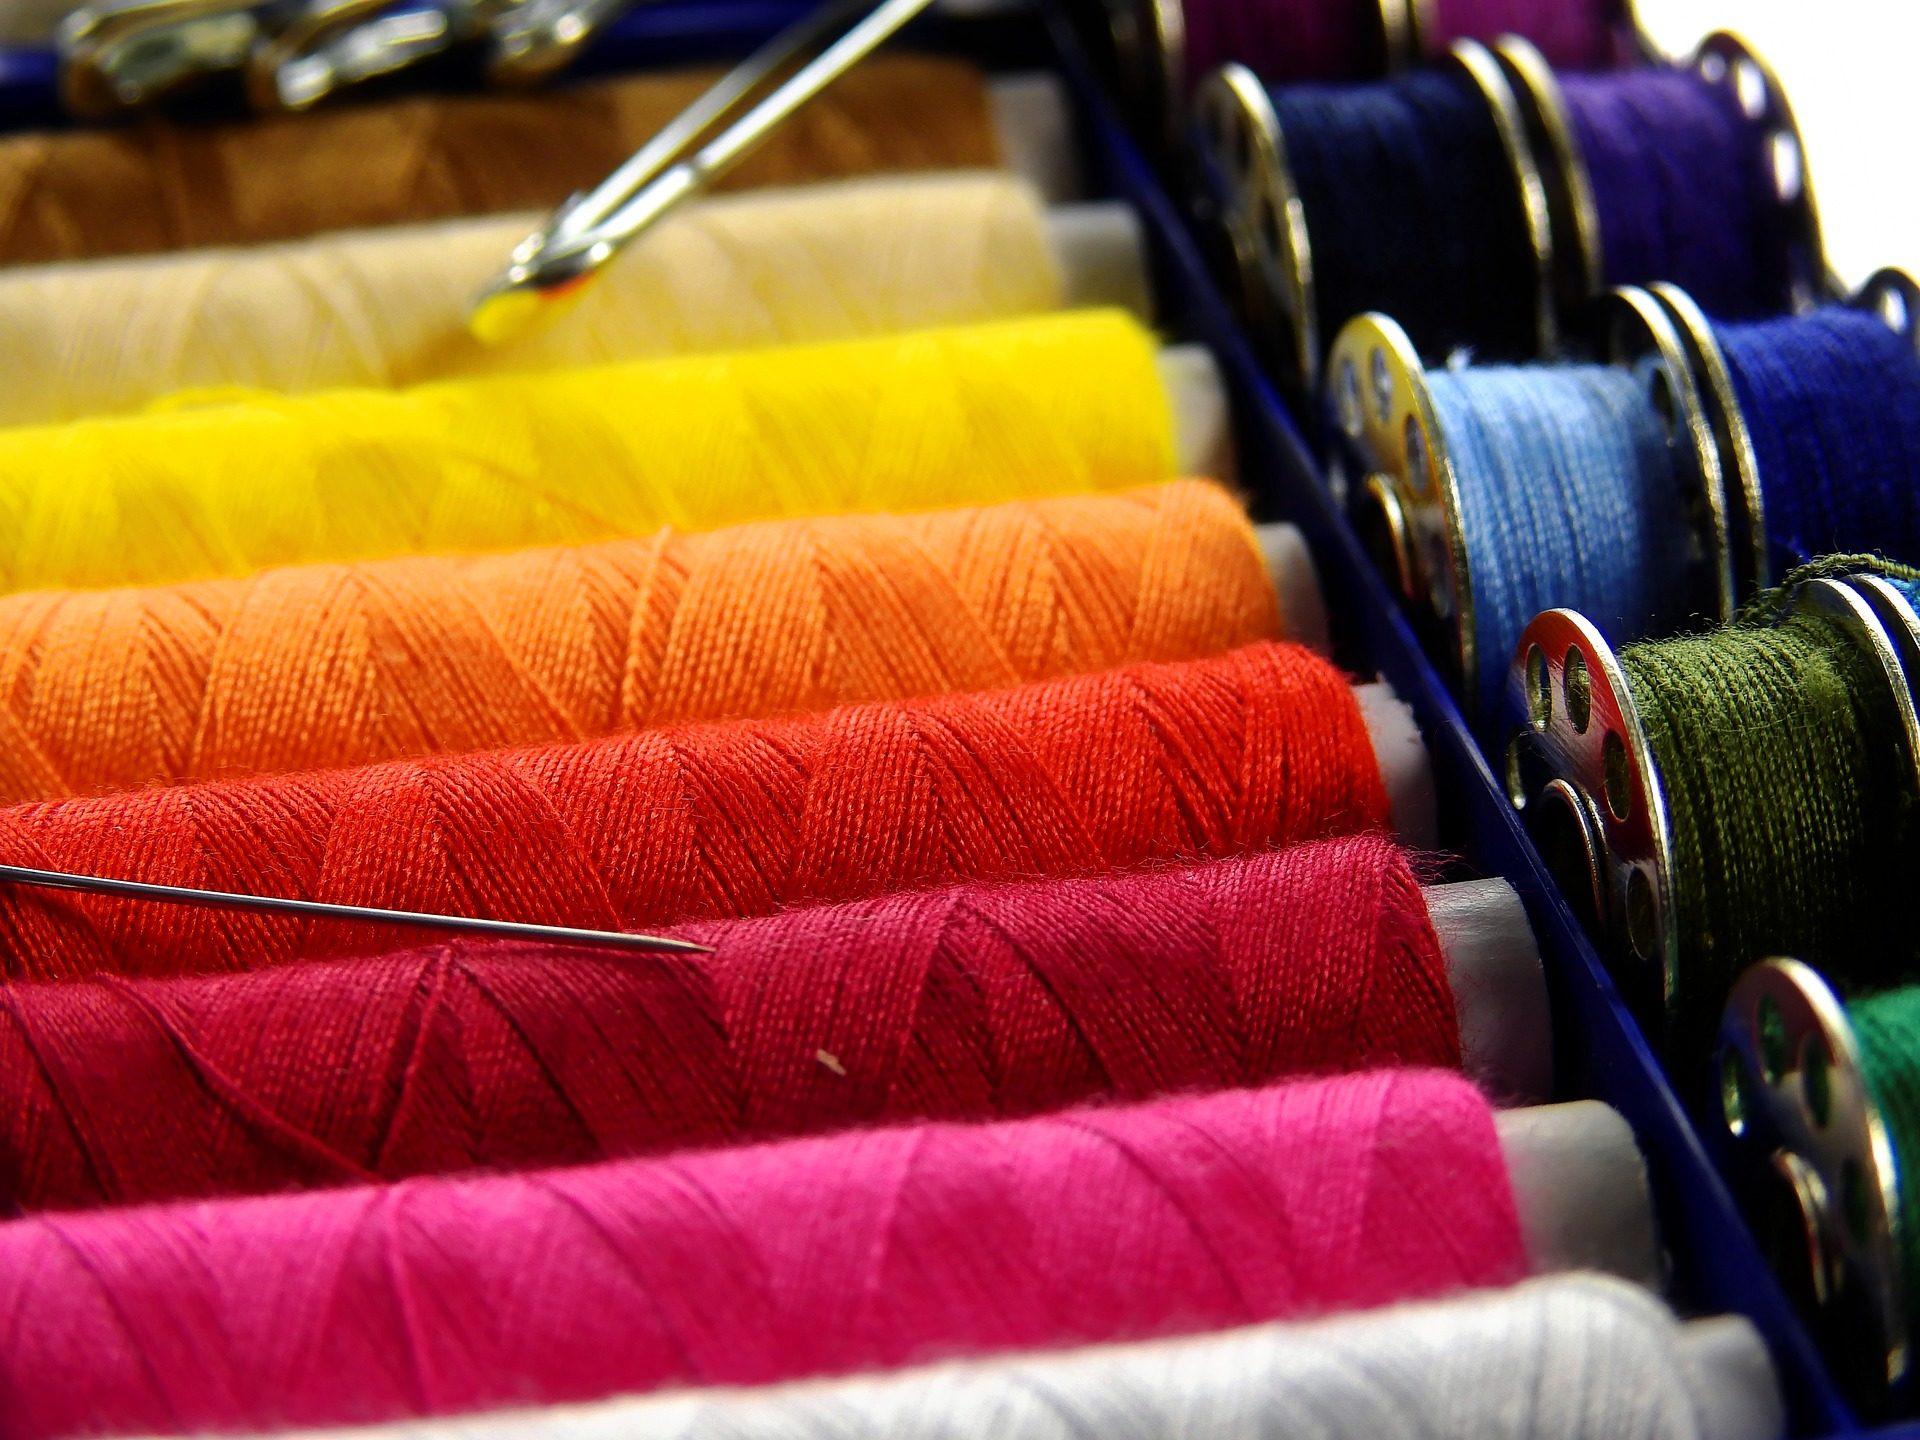 Discussioni, colori, aghi, CANILLAS, costura, di cucito - Sfondi HD - Professor-falken.com